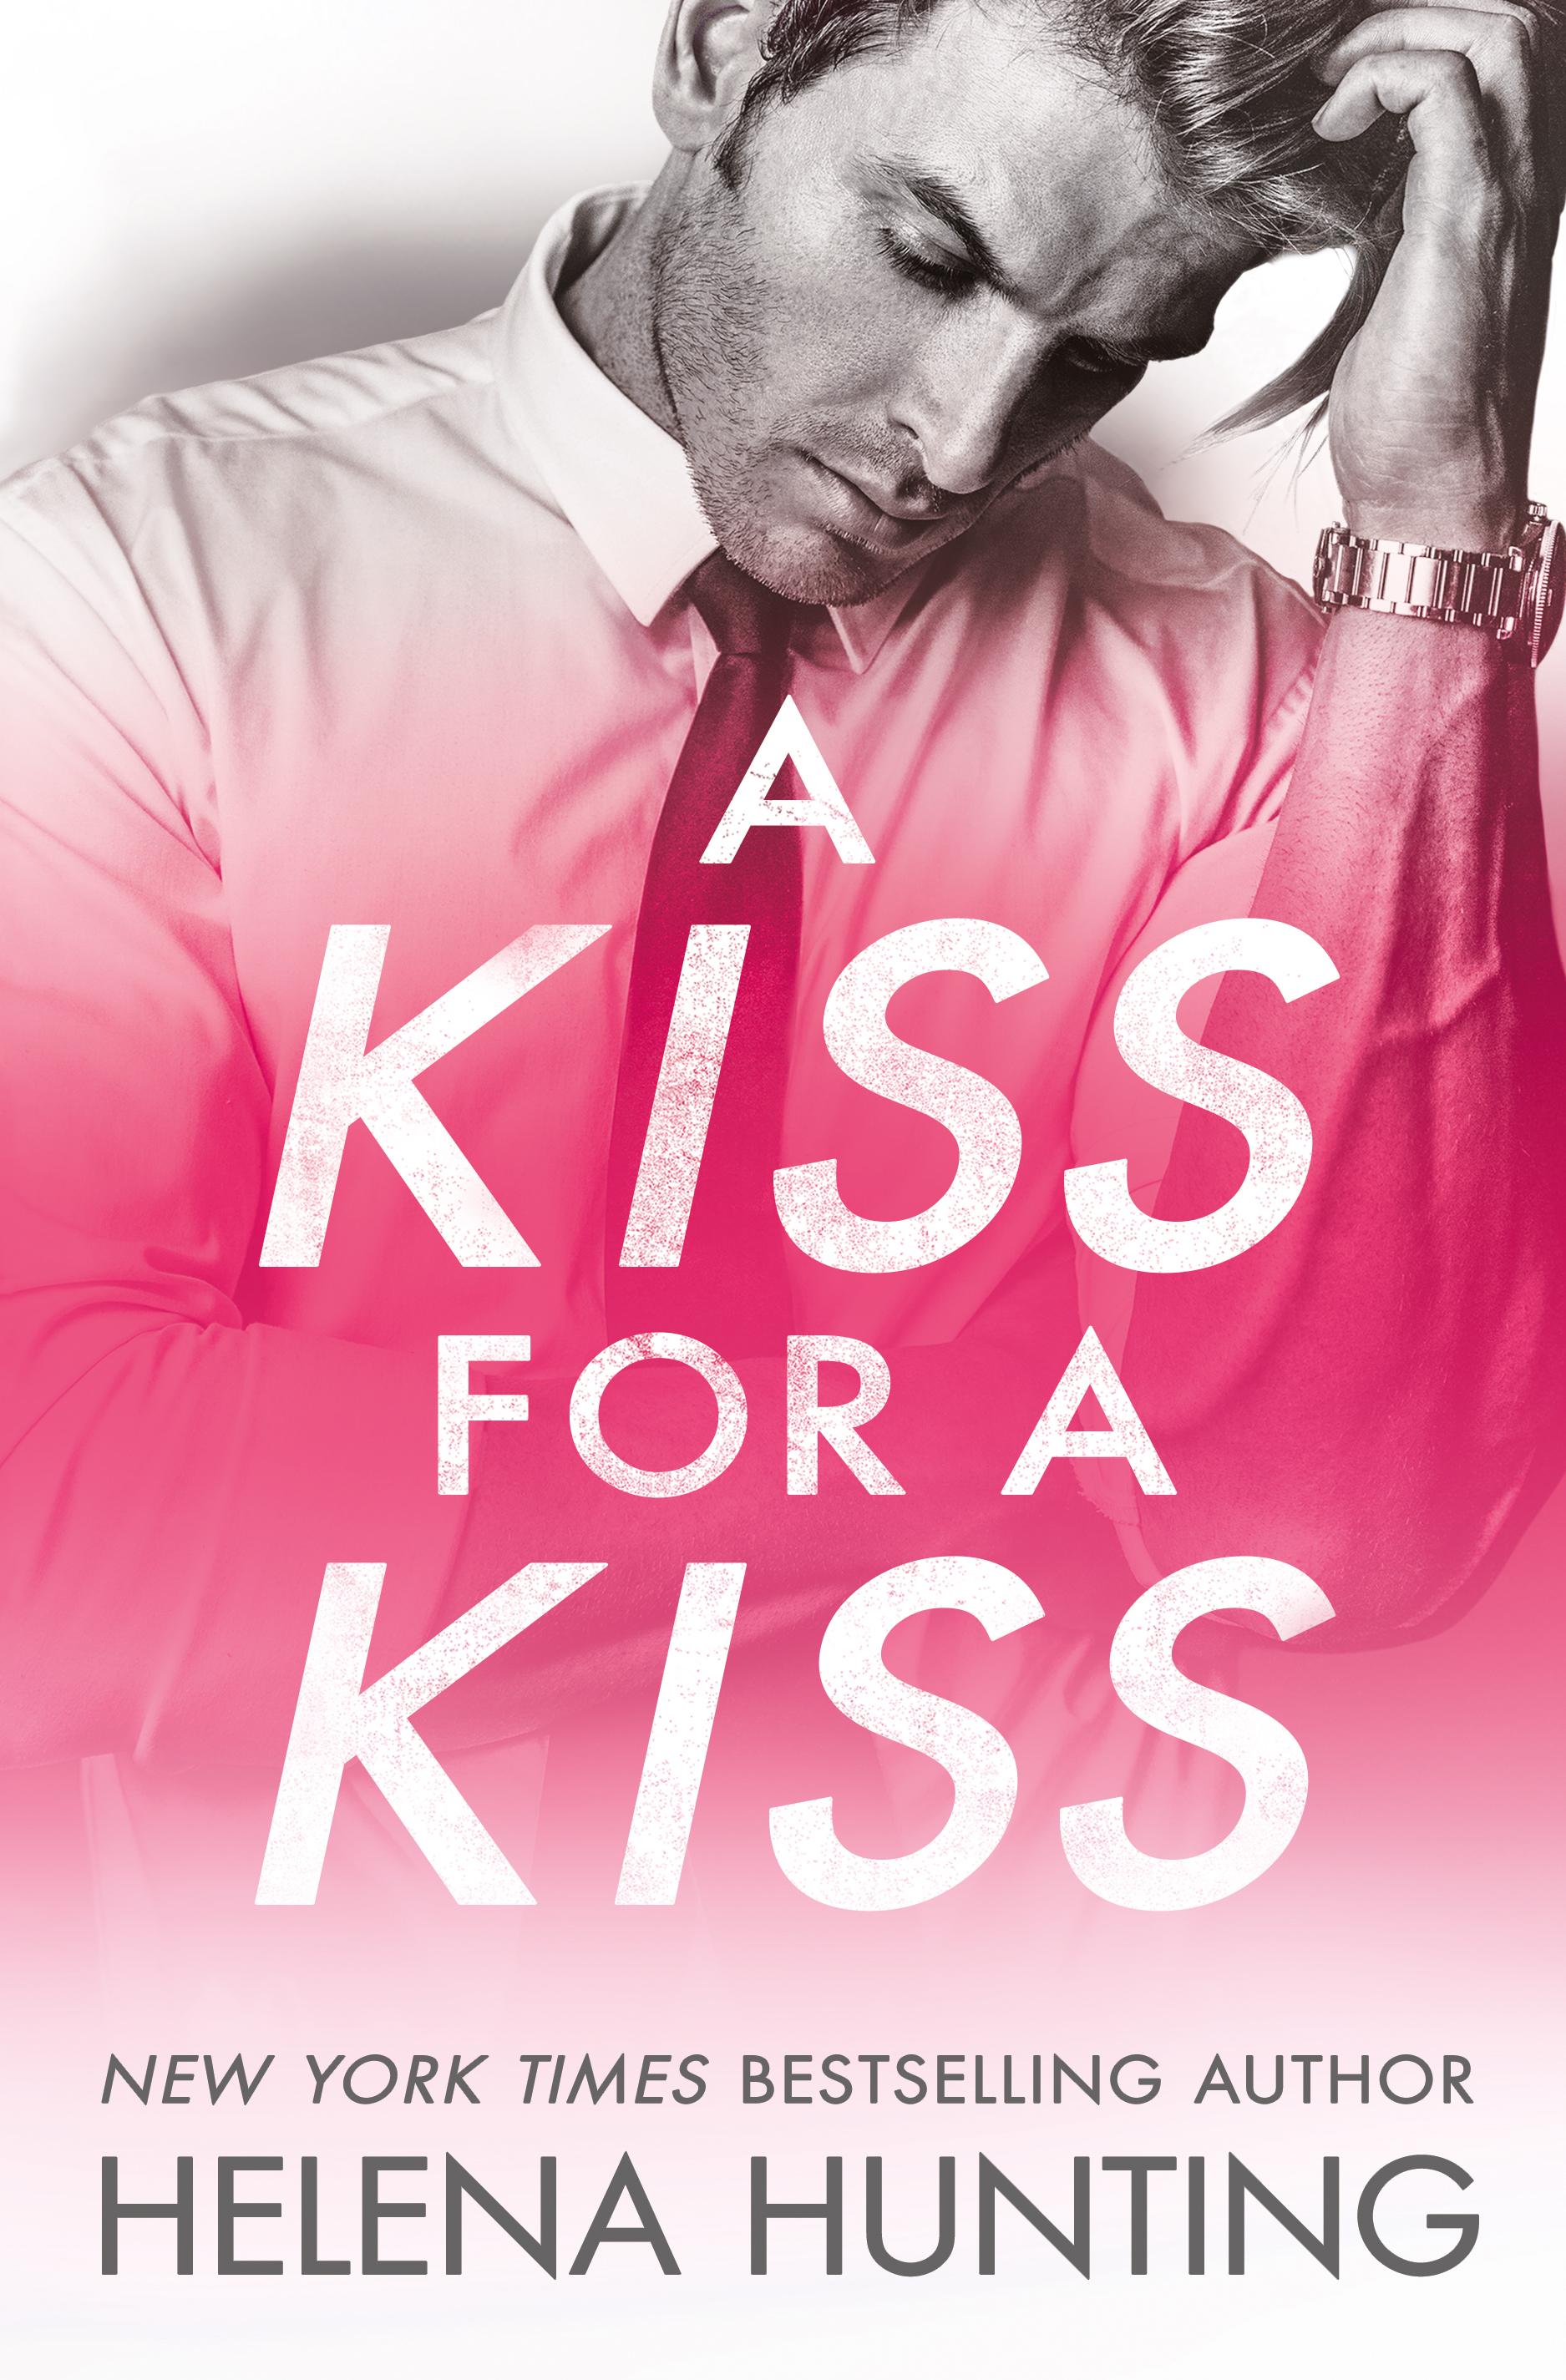 https://thereadreportblog.files.wordpress.com/2021/05/a-kiss-for-a-kiss-final.jpg